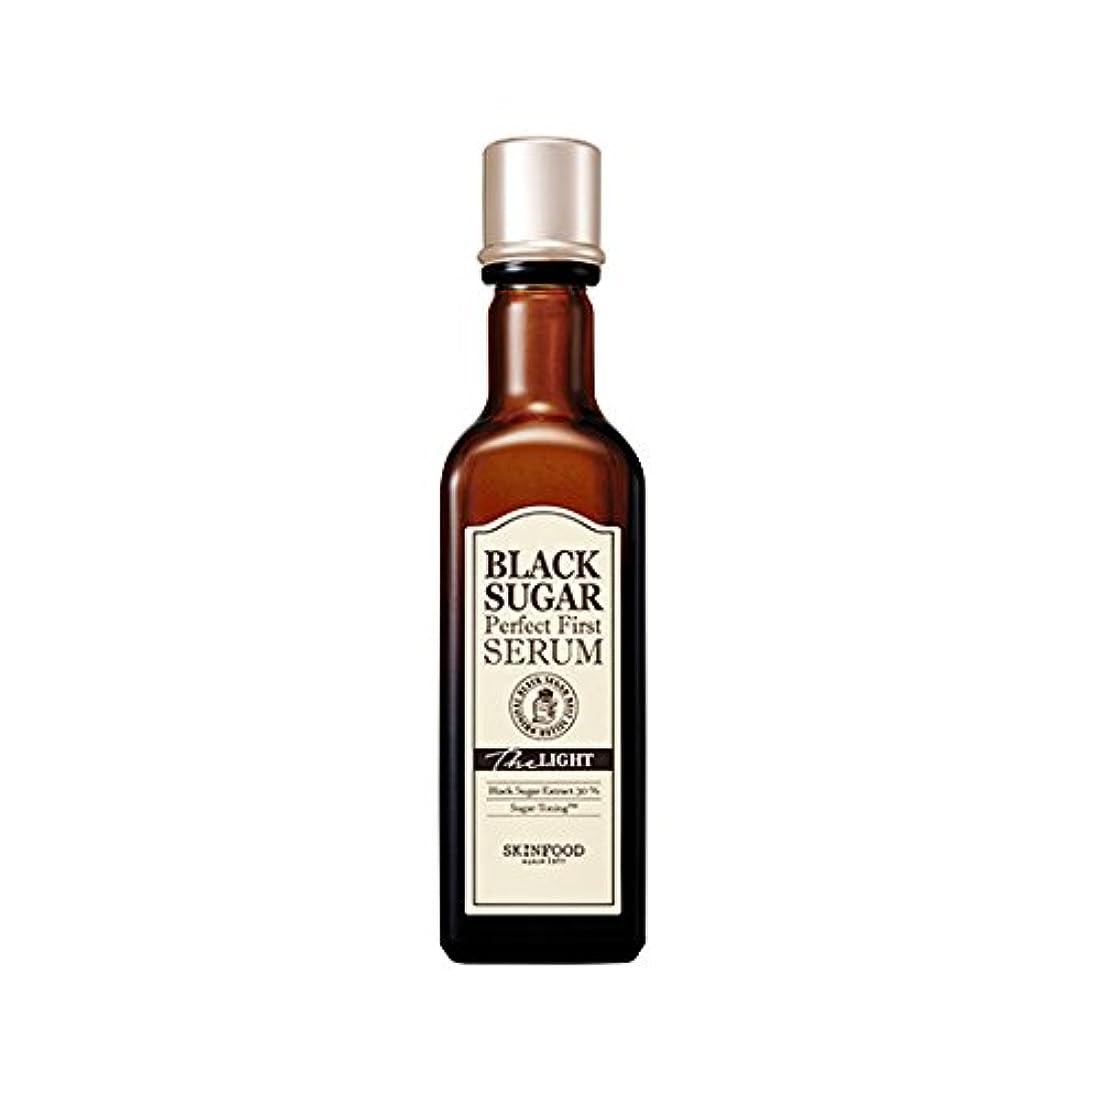 促進する失態ストレスの多いSkinfood black sugar perfect first serum the light/黒糖完全最初血清ライト/120ml + 60? [並行輸入品]